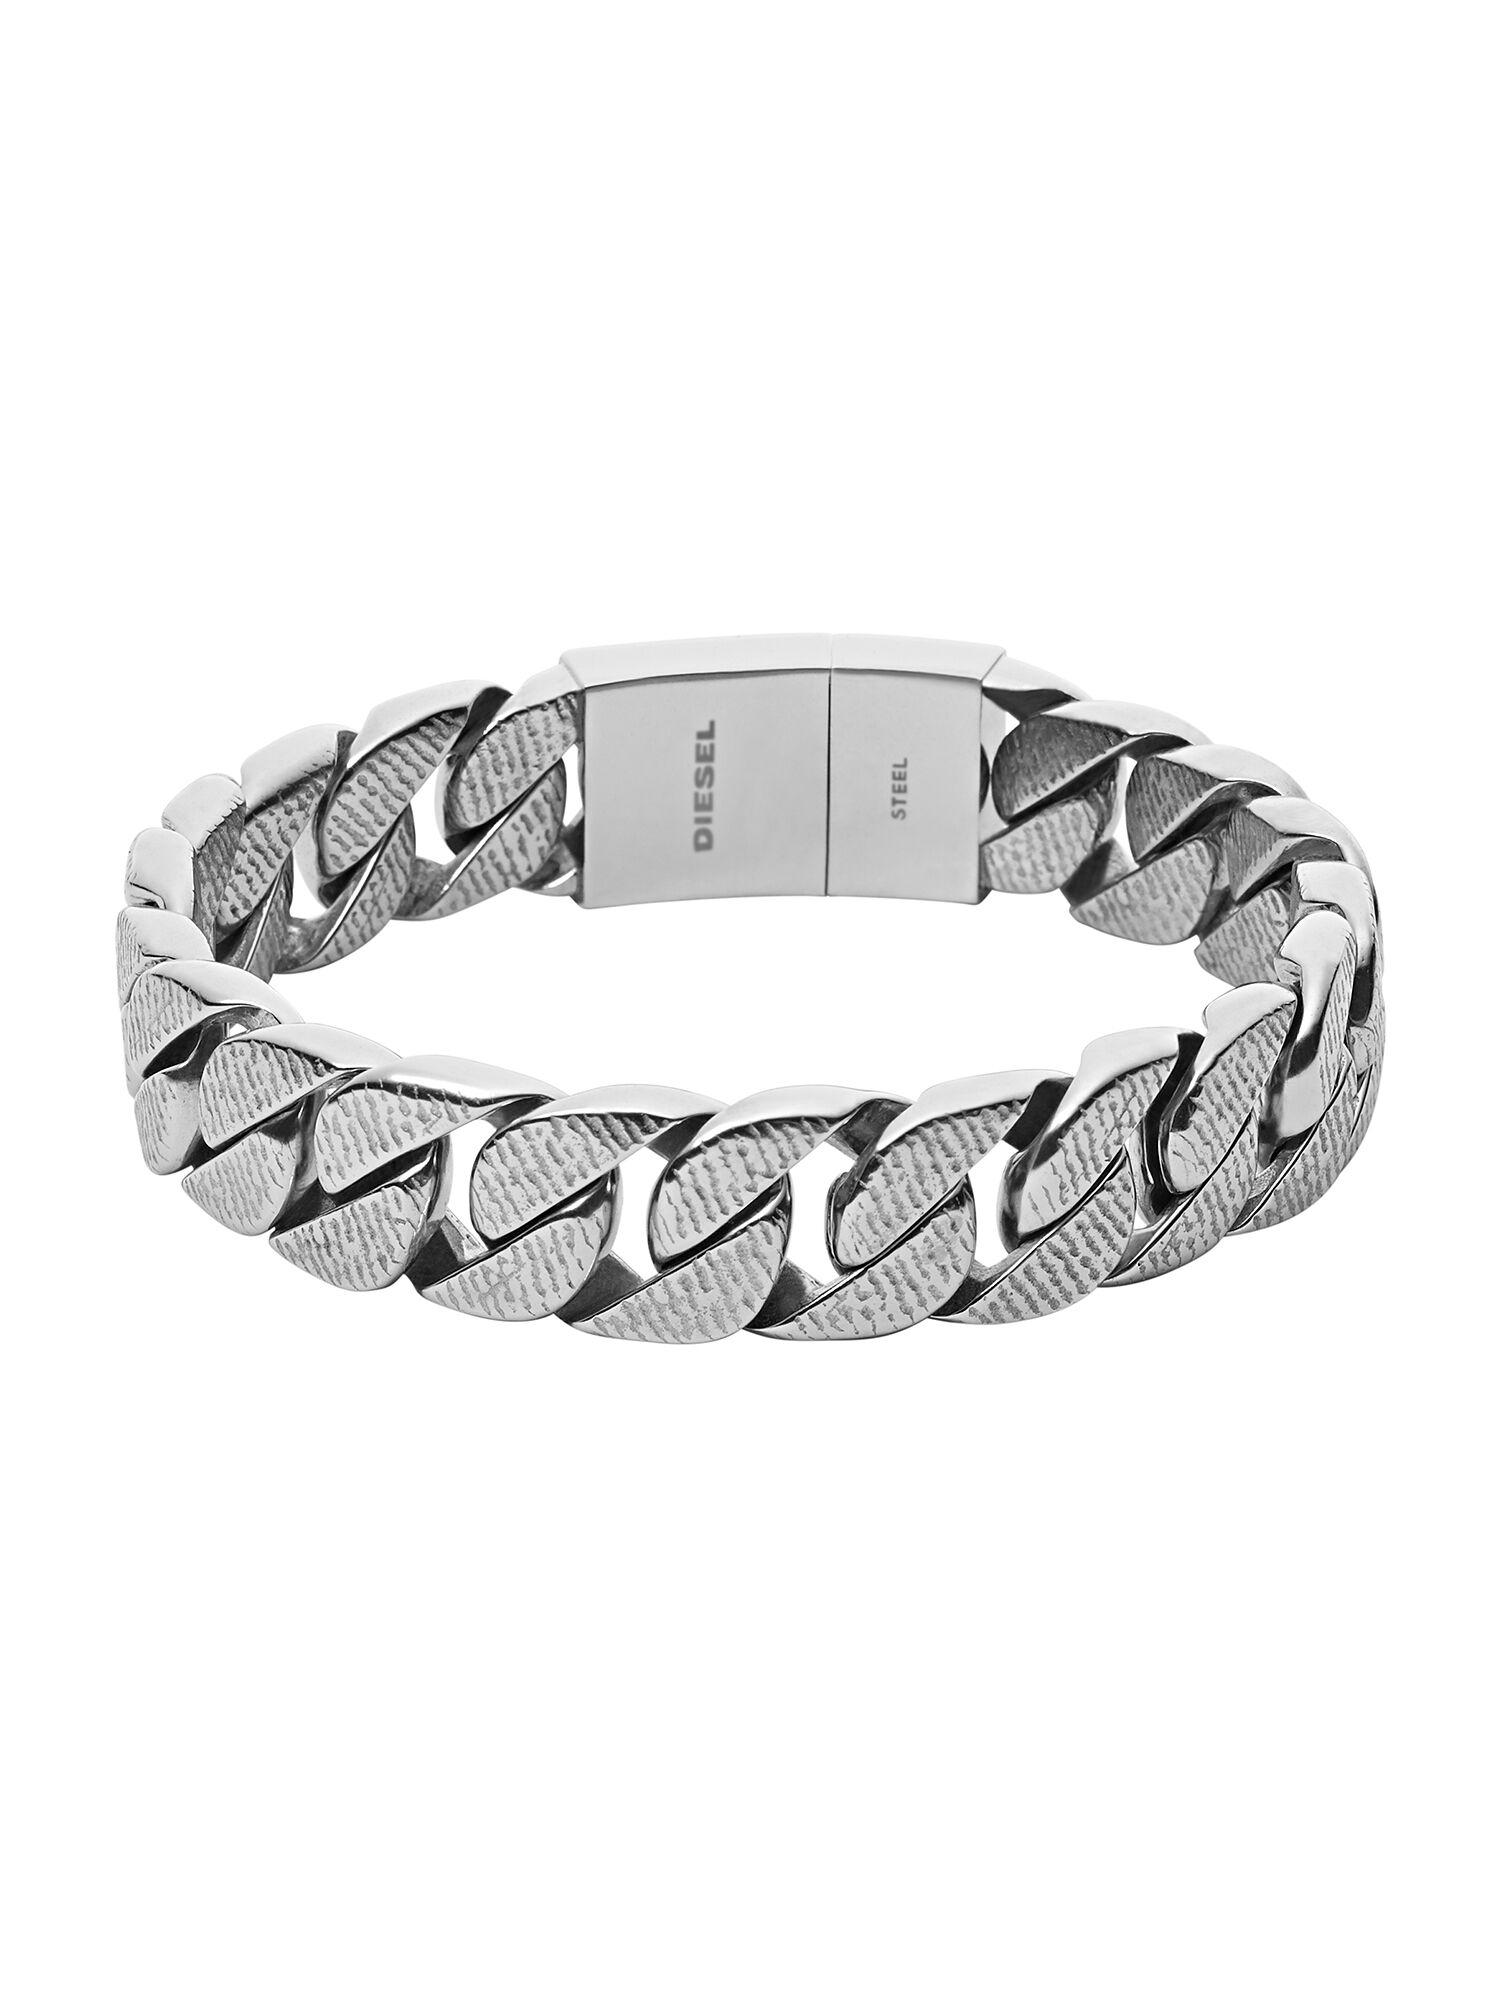 DX091400DJW BRACELET DX0914 America Silver